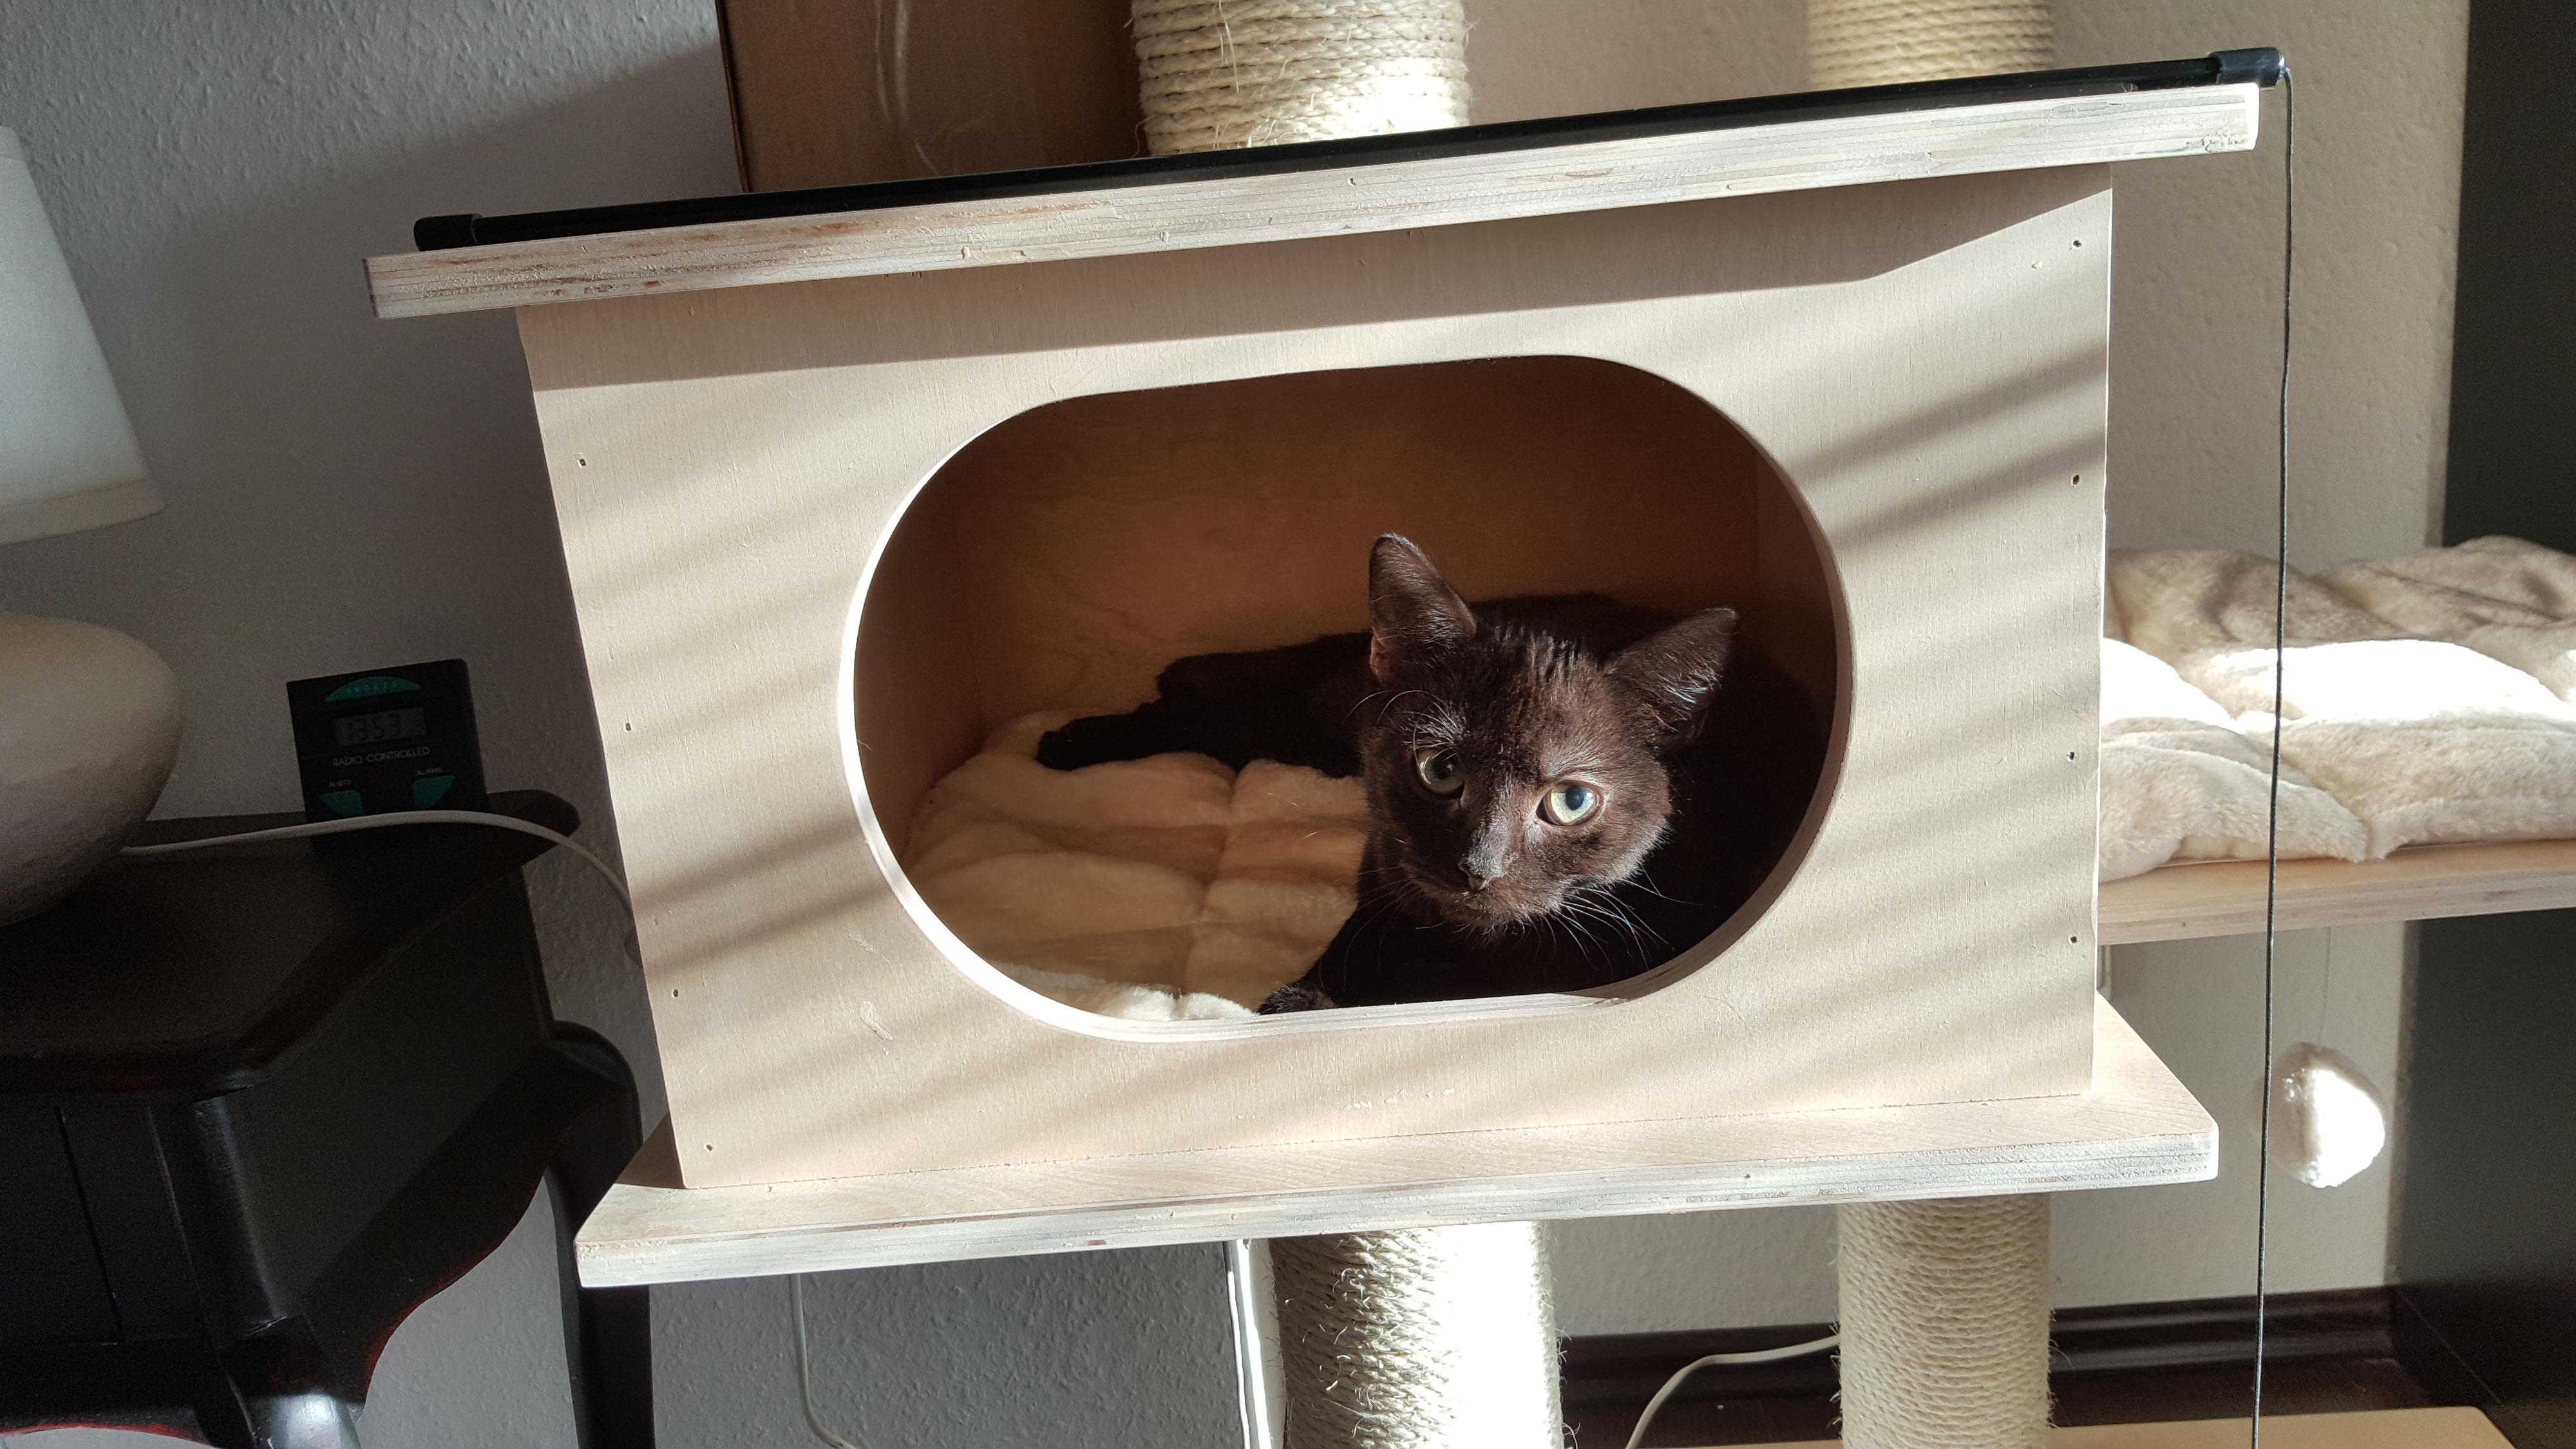 Wie Richte Ich Meine Wohnung Katzengerecht Ein Gesundheit